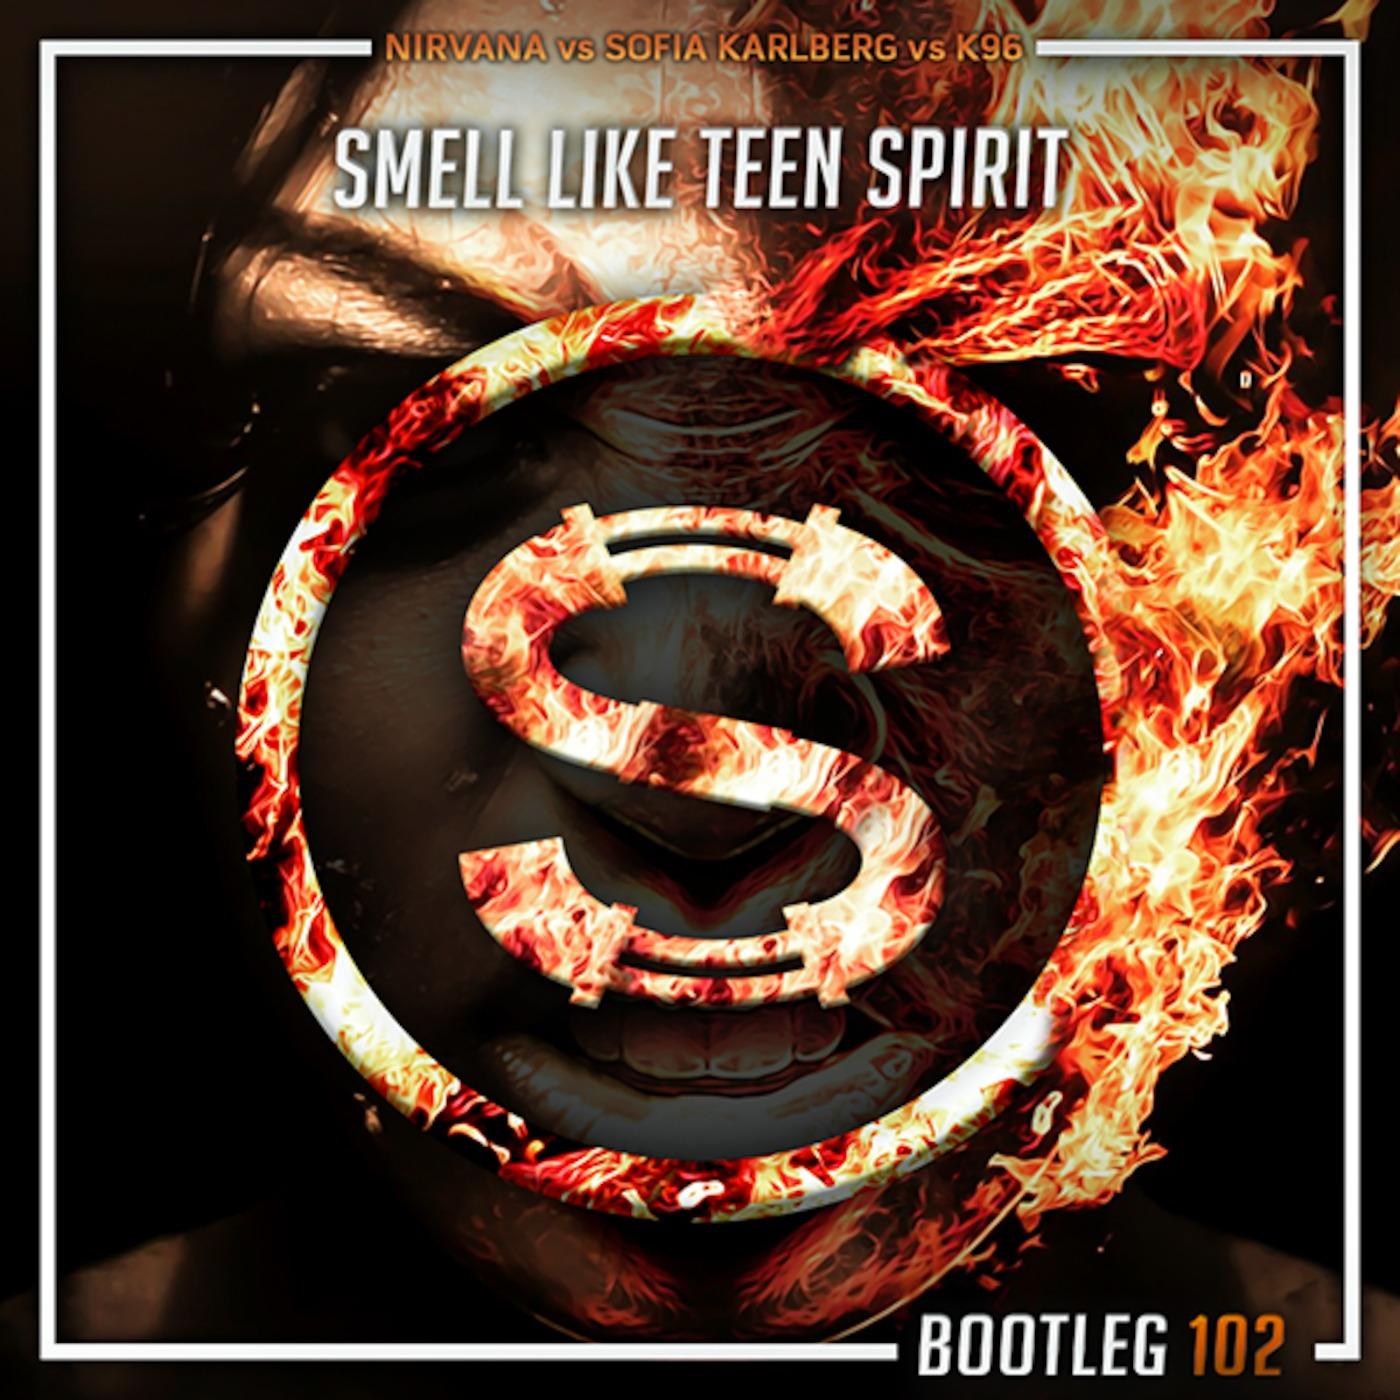 Nirvana vs Sofia Karlberg vs K96 - Smell Like Teen Spirit (Da Sylva bootleg)